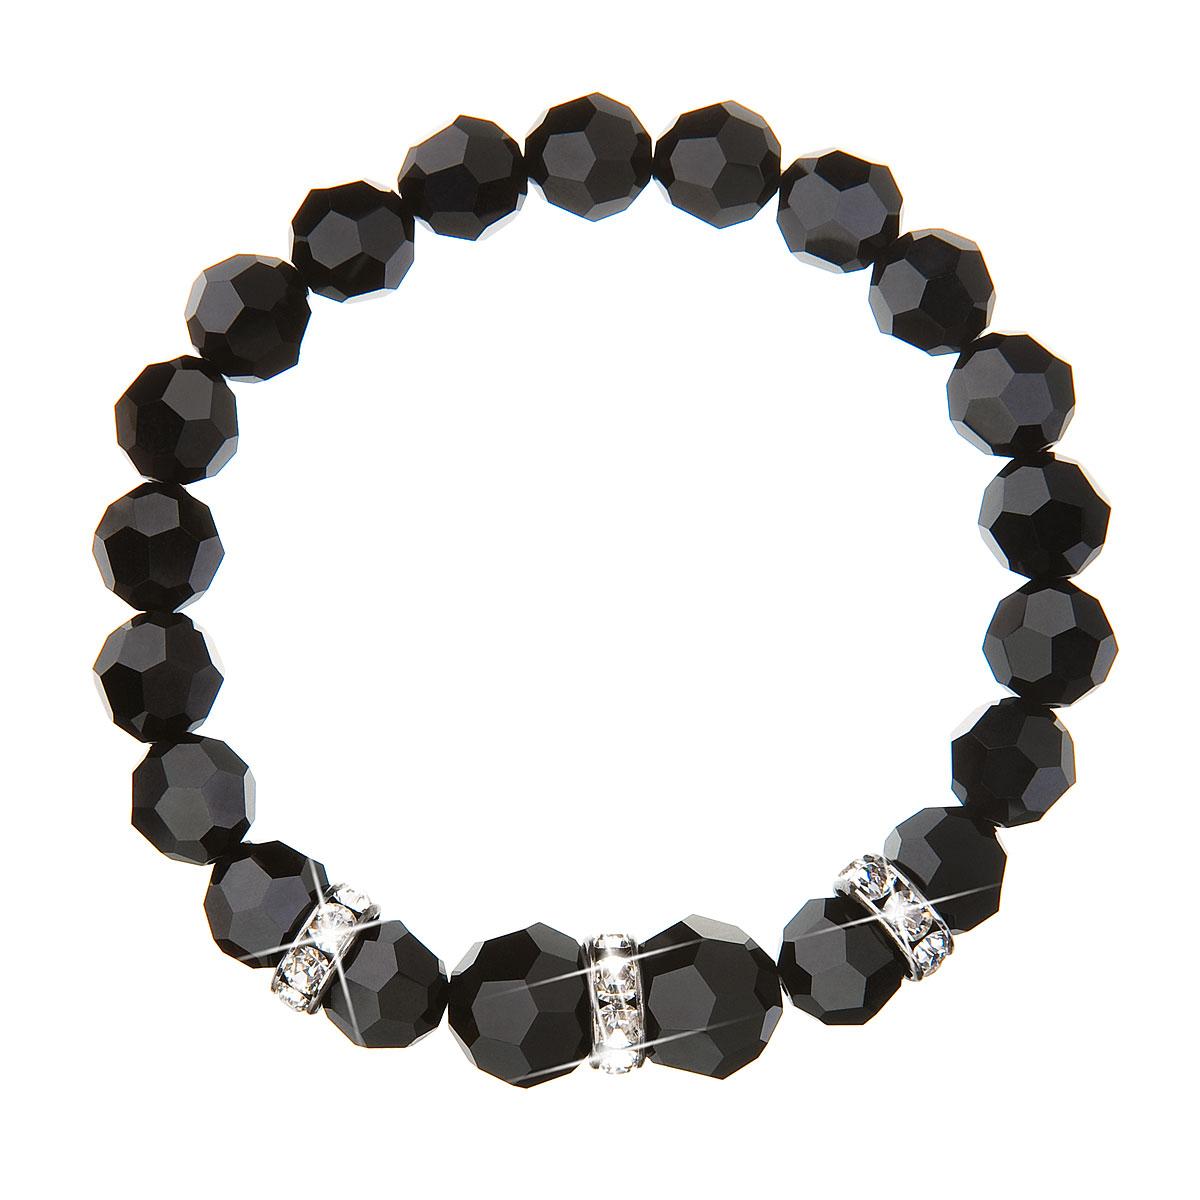 Náramek se Swarovski krystaly černý 33056.3